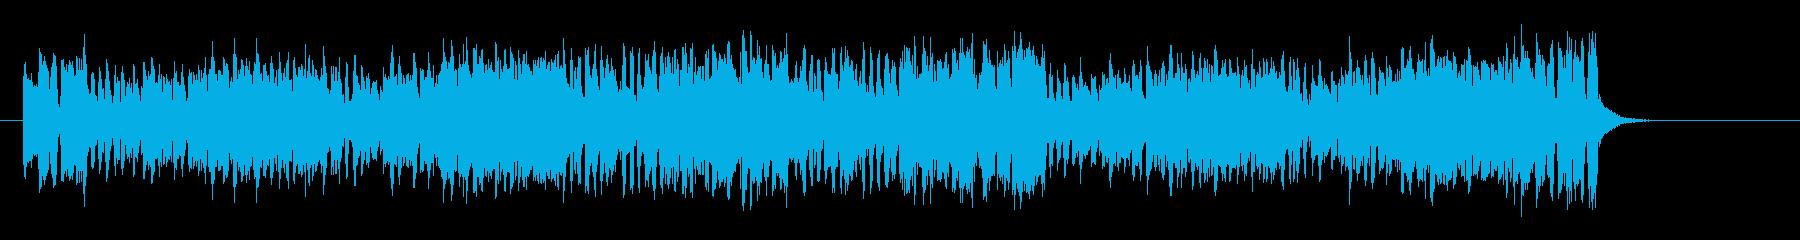 コミカルで陽気なデキシー・ジャズ風の再生済みの波形